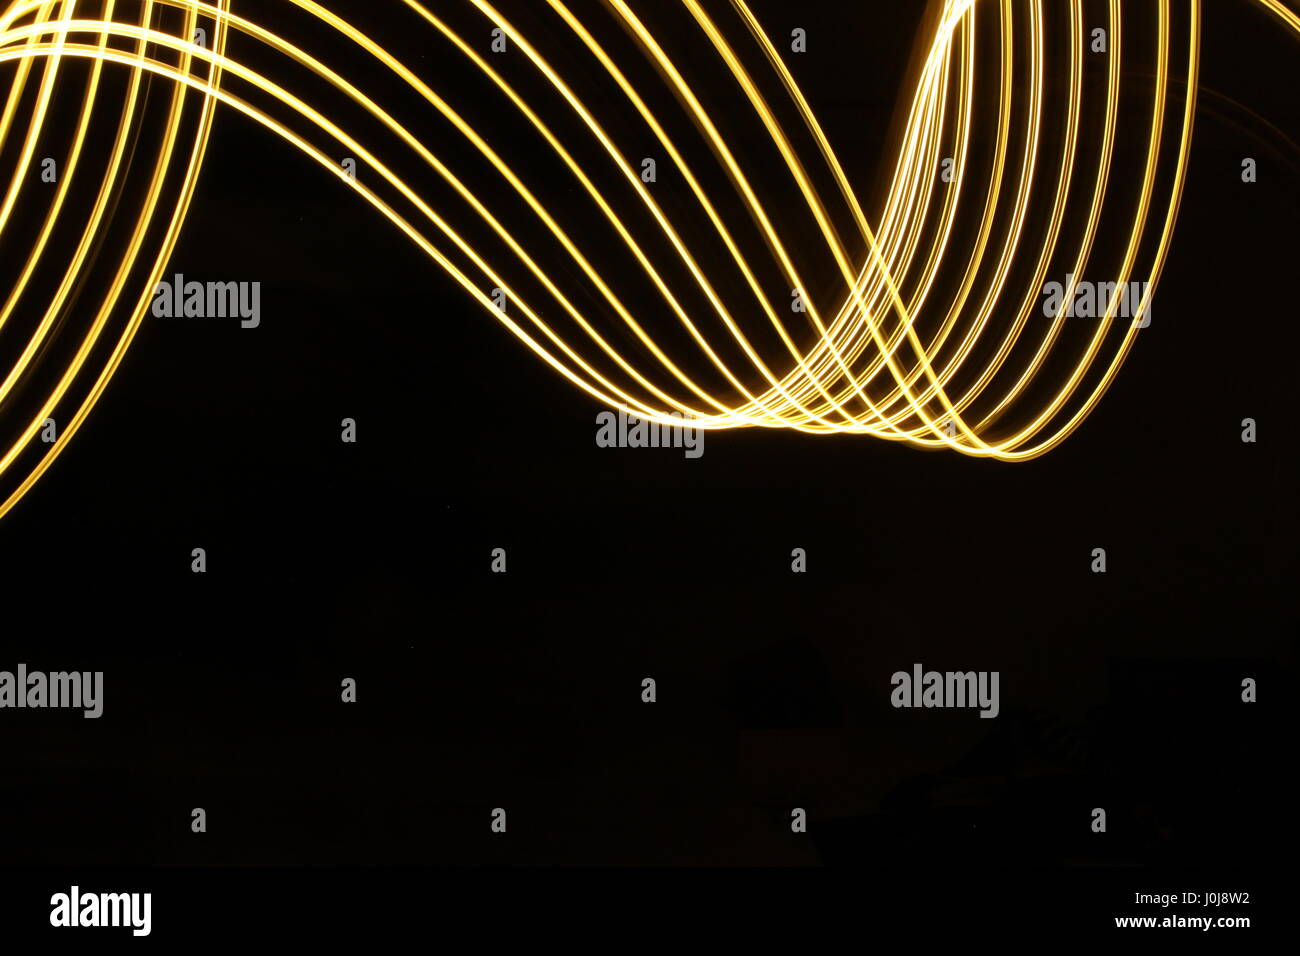 Gold Licht Malerei Schleife und Wirbel Muster auf schwarzem ...